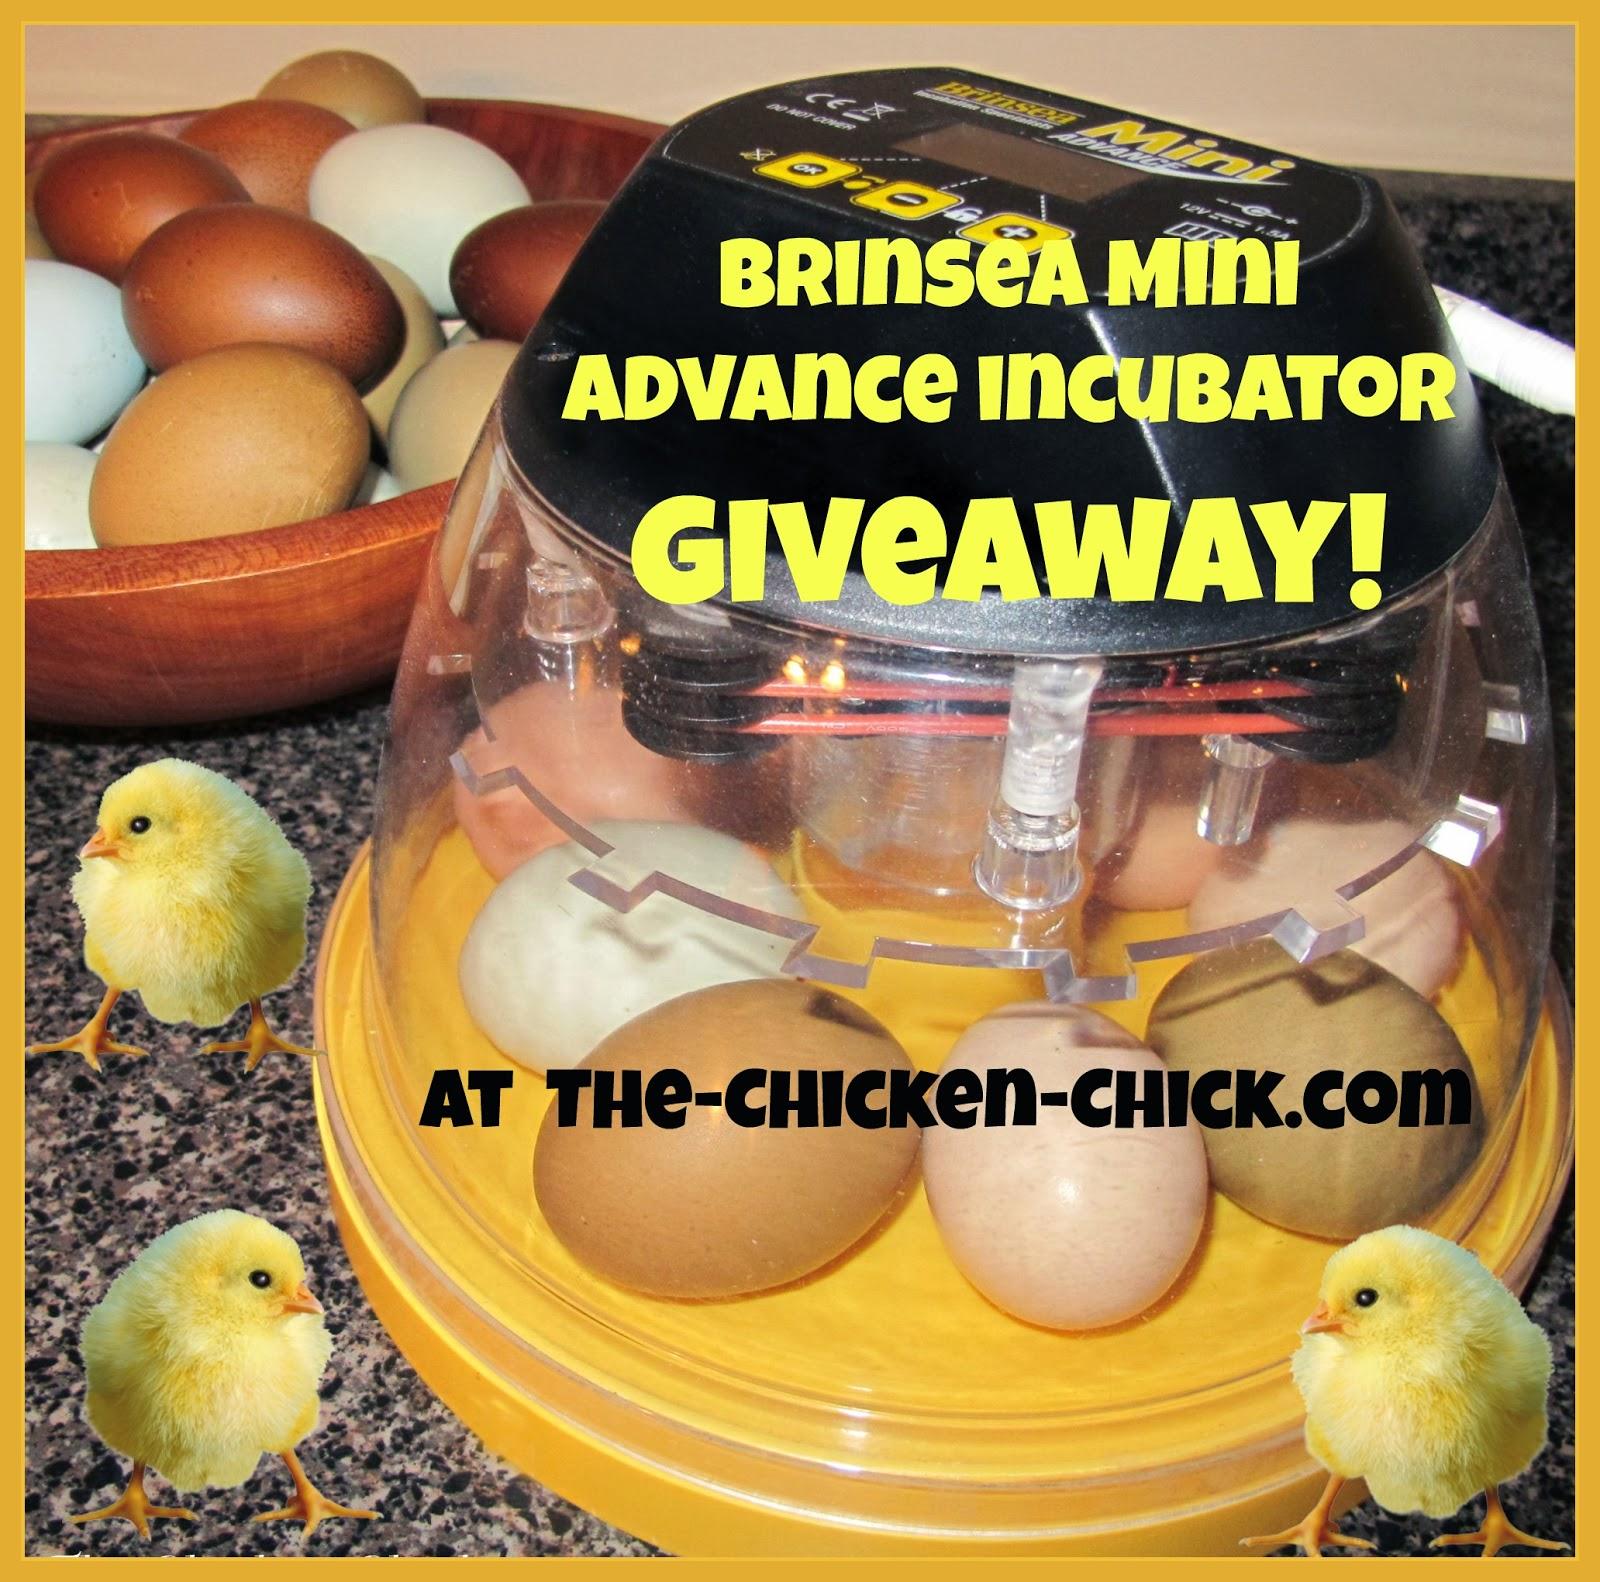 Brinsea Mini Advance incubator giveaway at www.The-Chicken-Chick.com